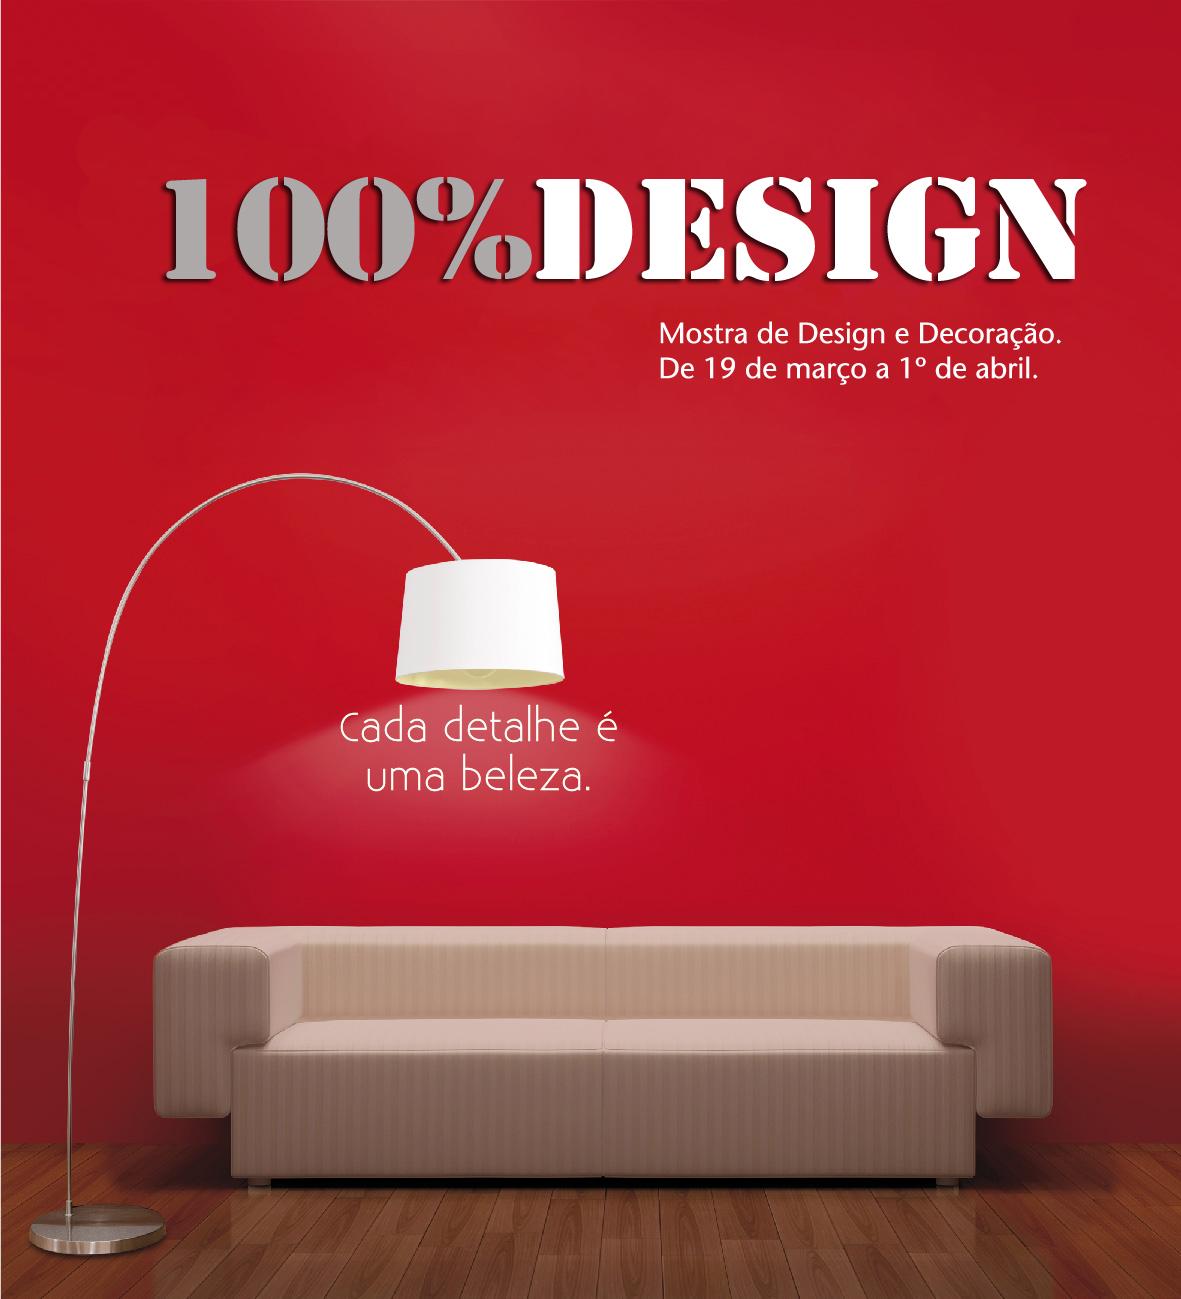 mostra 100% Design corre amiga que amanhã é o último dia #B51624 1181 1299